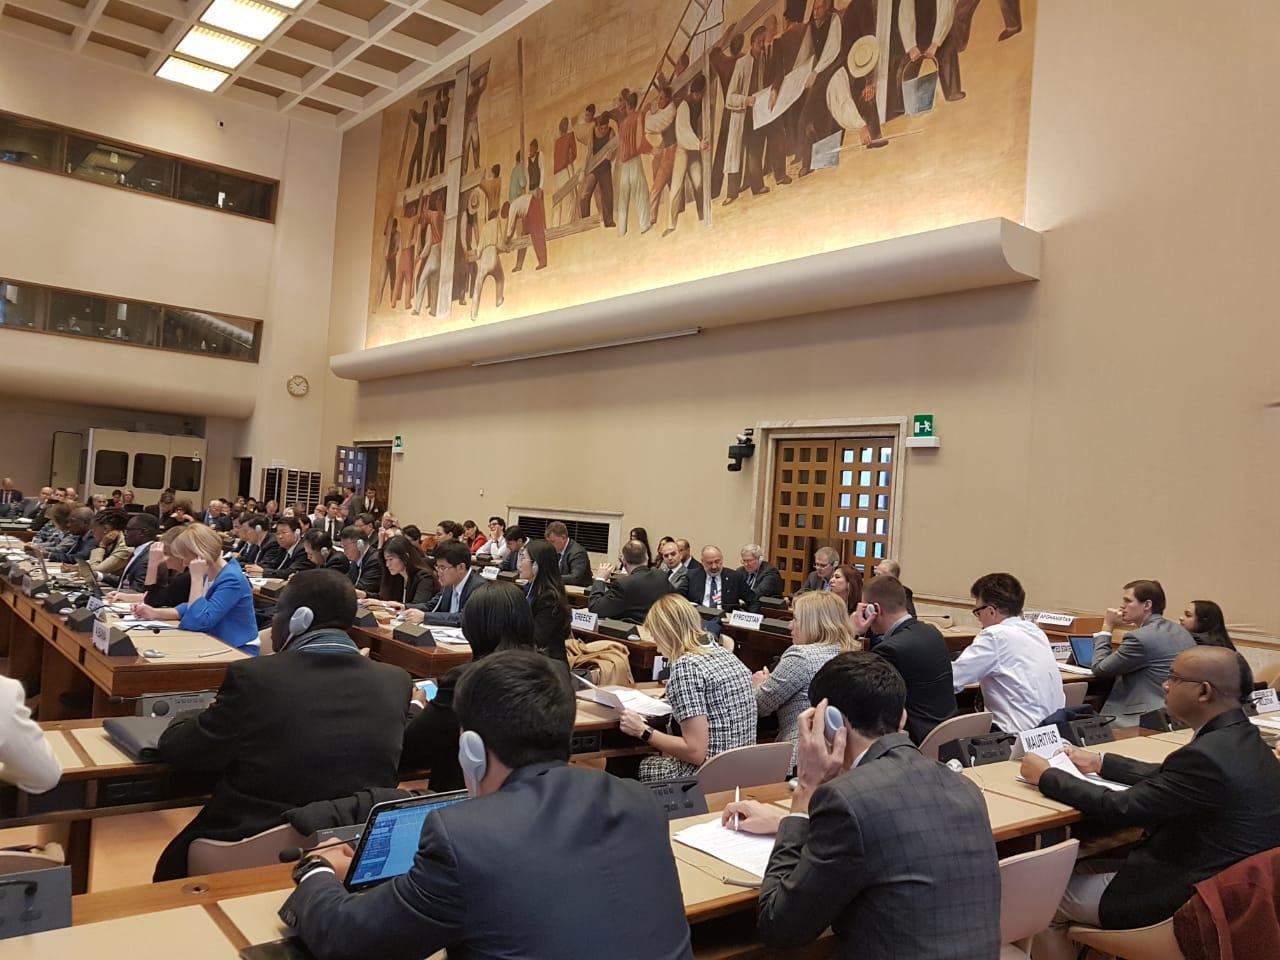 26-27 жовтня 2016 р.у в м. Мінськ (Білорусь) відбулася Міжнародна конференція Закладаючи основи для економічної інтеграції та сталого розвитку в регіоні ЄЕК ООН. Бачення до 2030 року